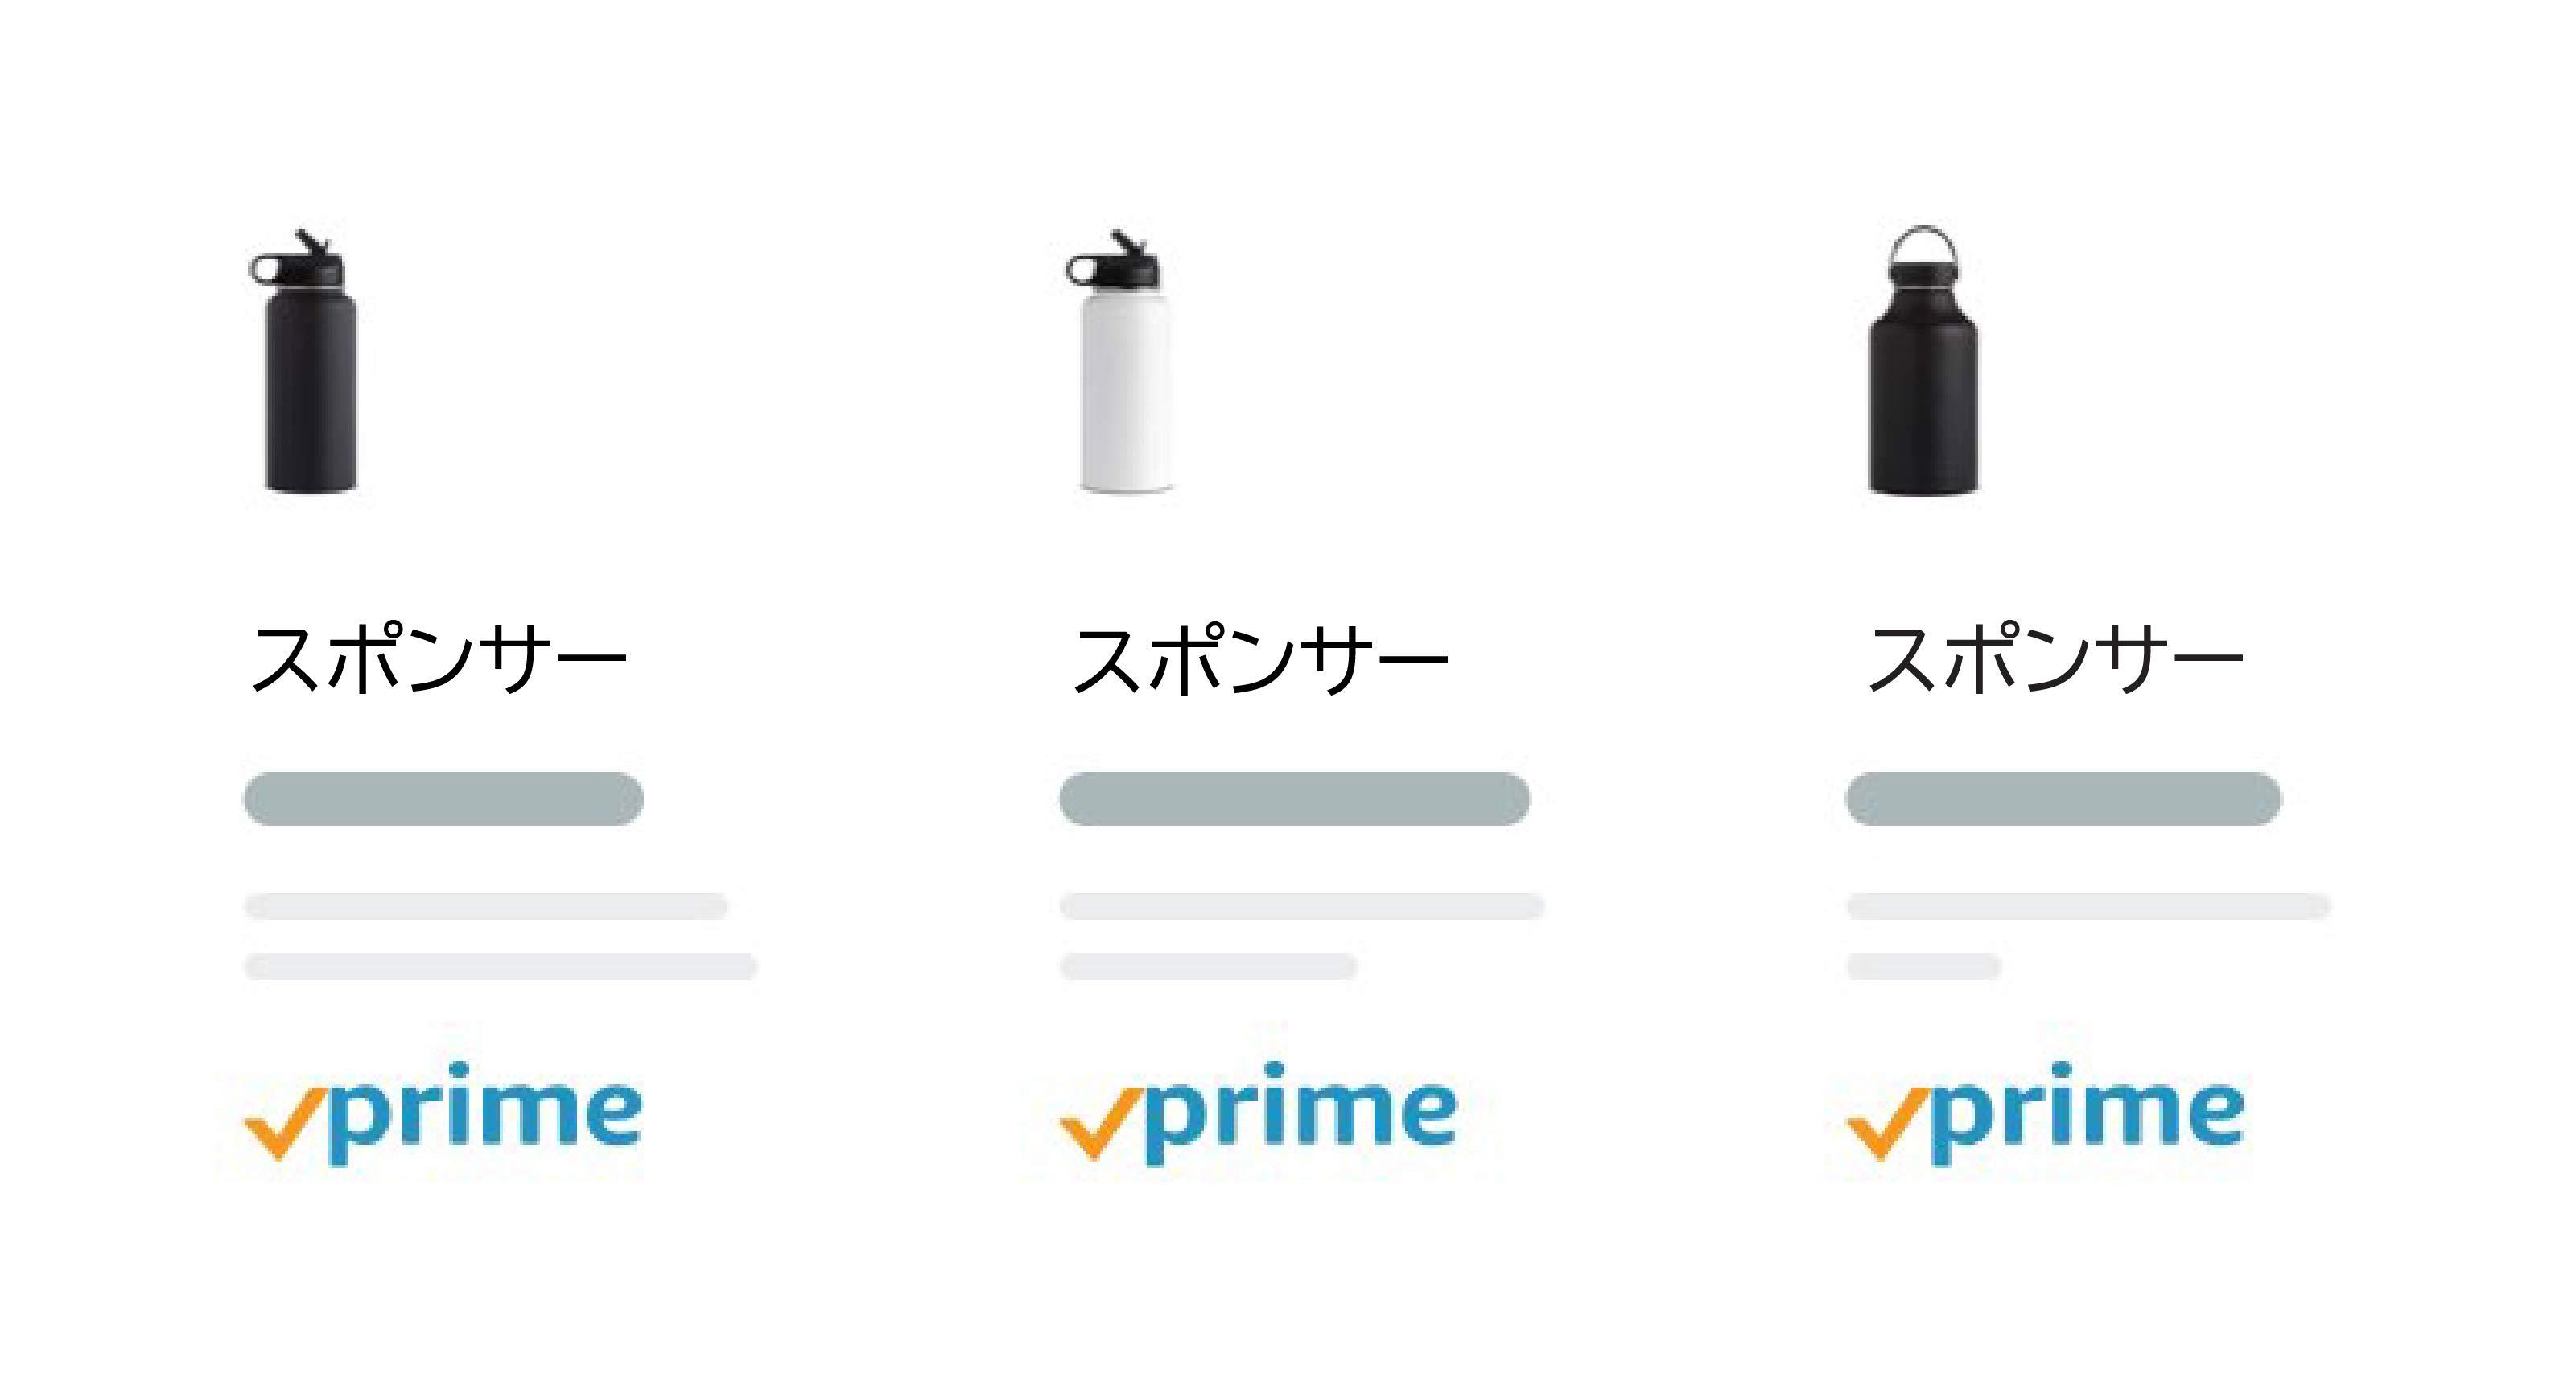 Amazonプライムの配送で利用可能な水筒の3つのスポンサー商品リスト